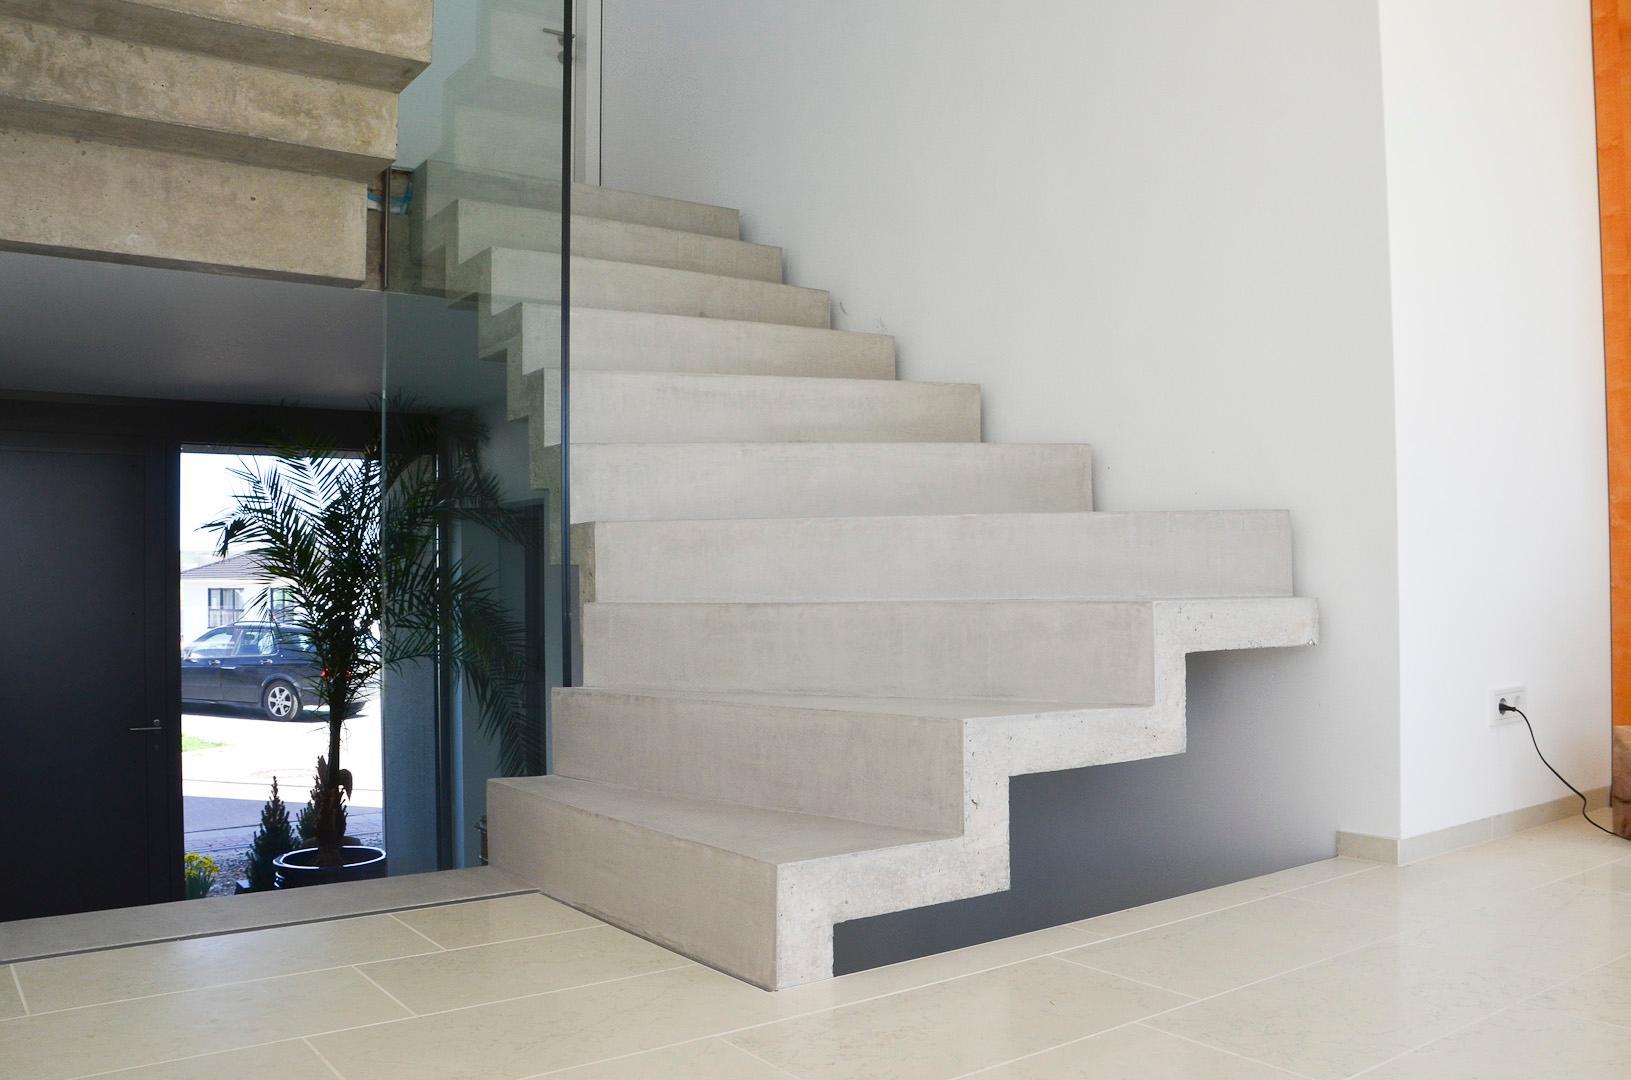 Freischwebende Treppe freischwebende treppe • bilder & ideen • couch